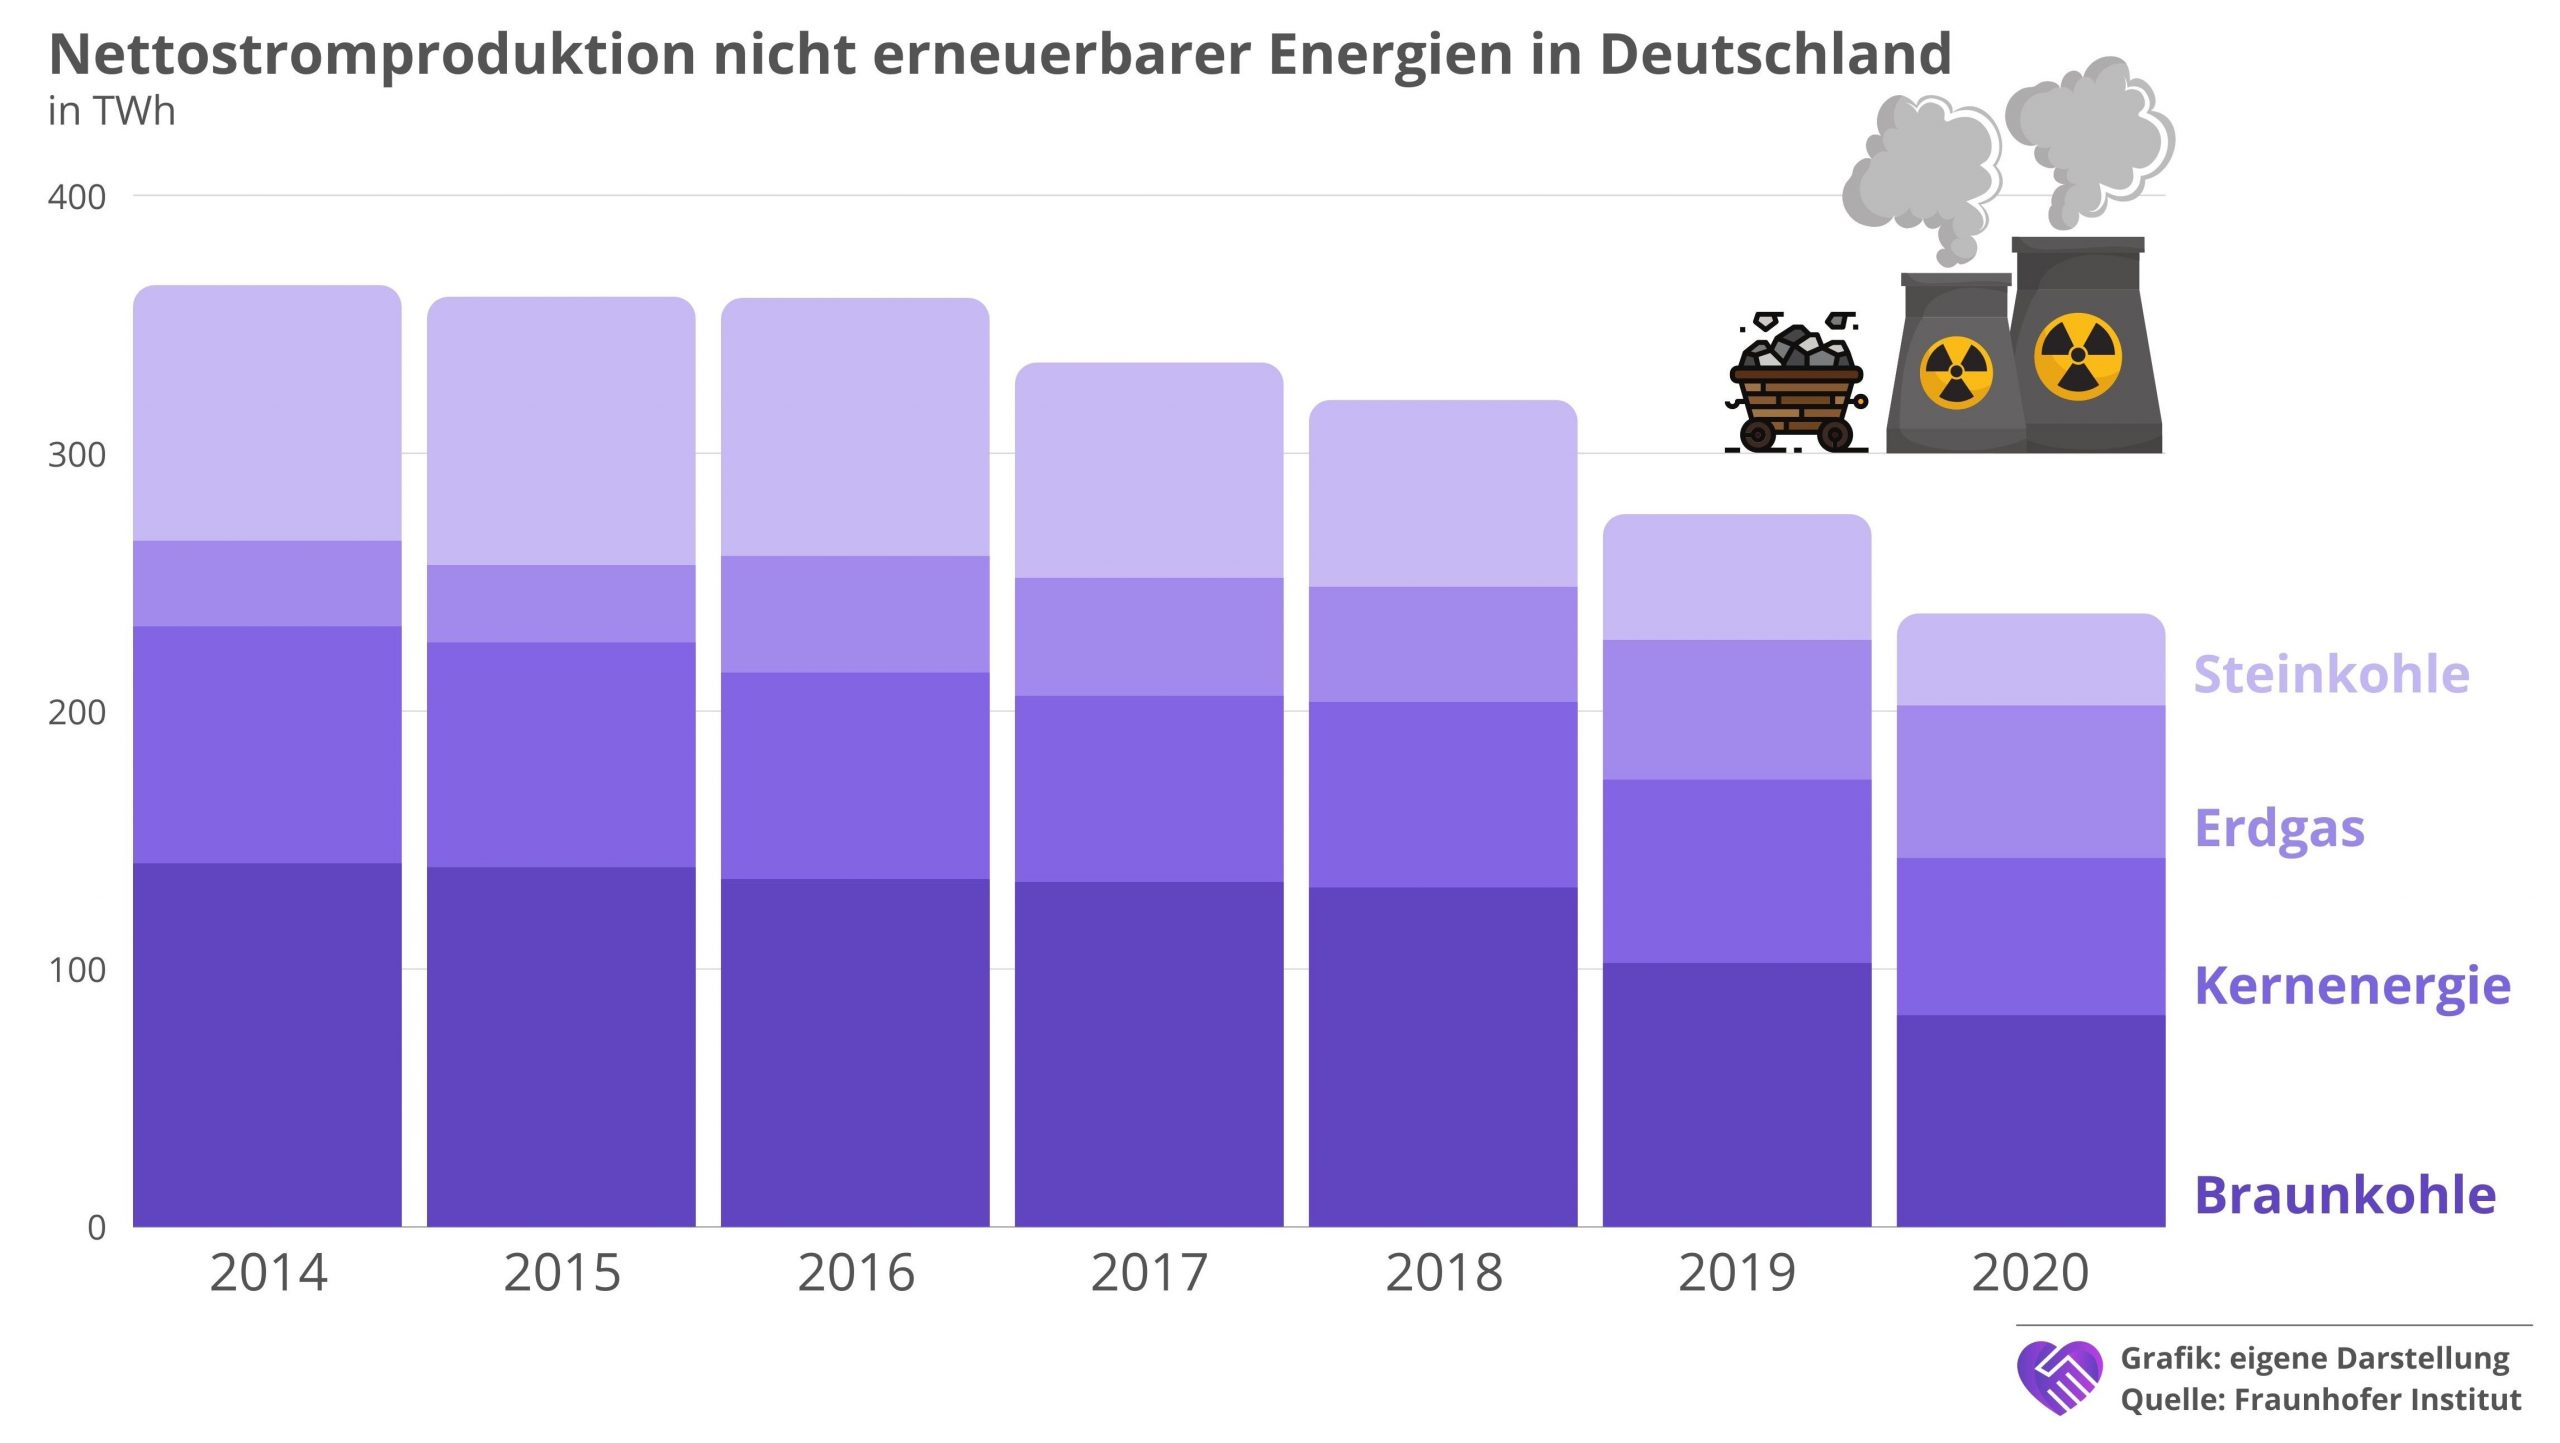 7C Solarparken Aktie Analyse Stromproduktion nicht erneuerbare Energien Deutschland